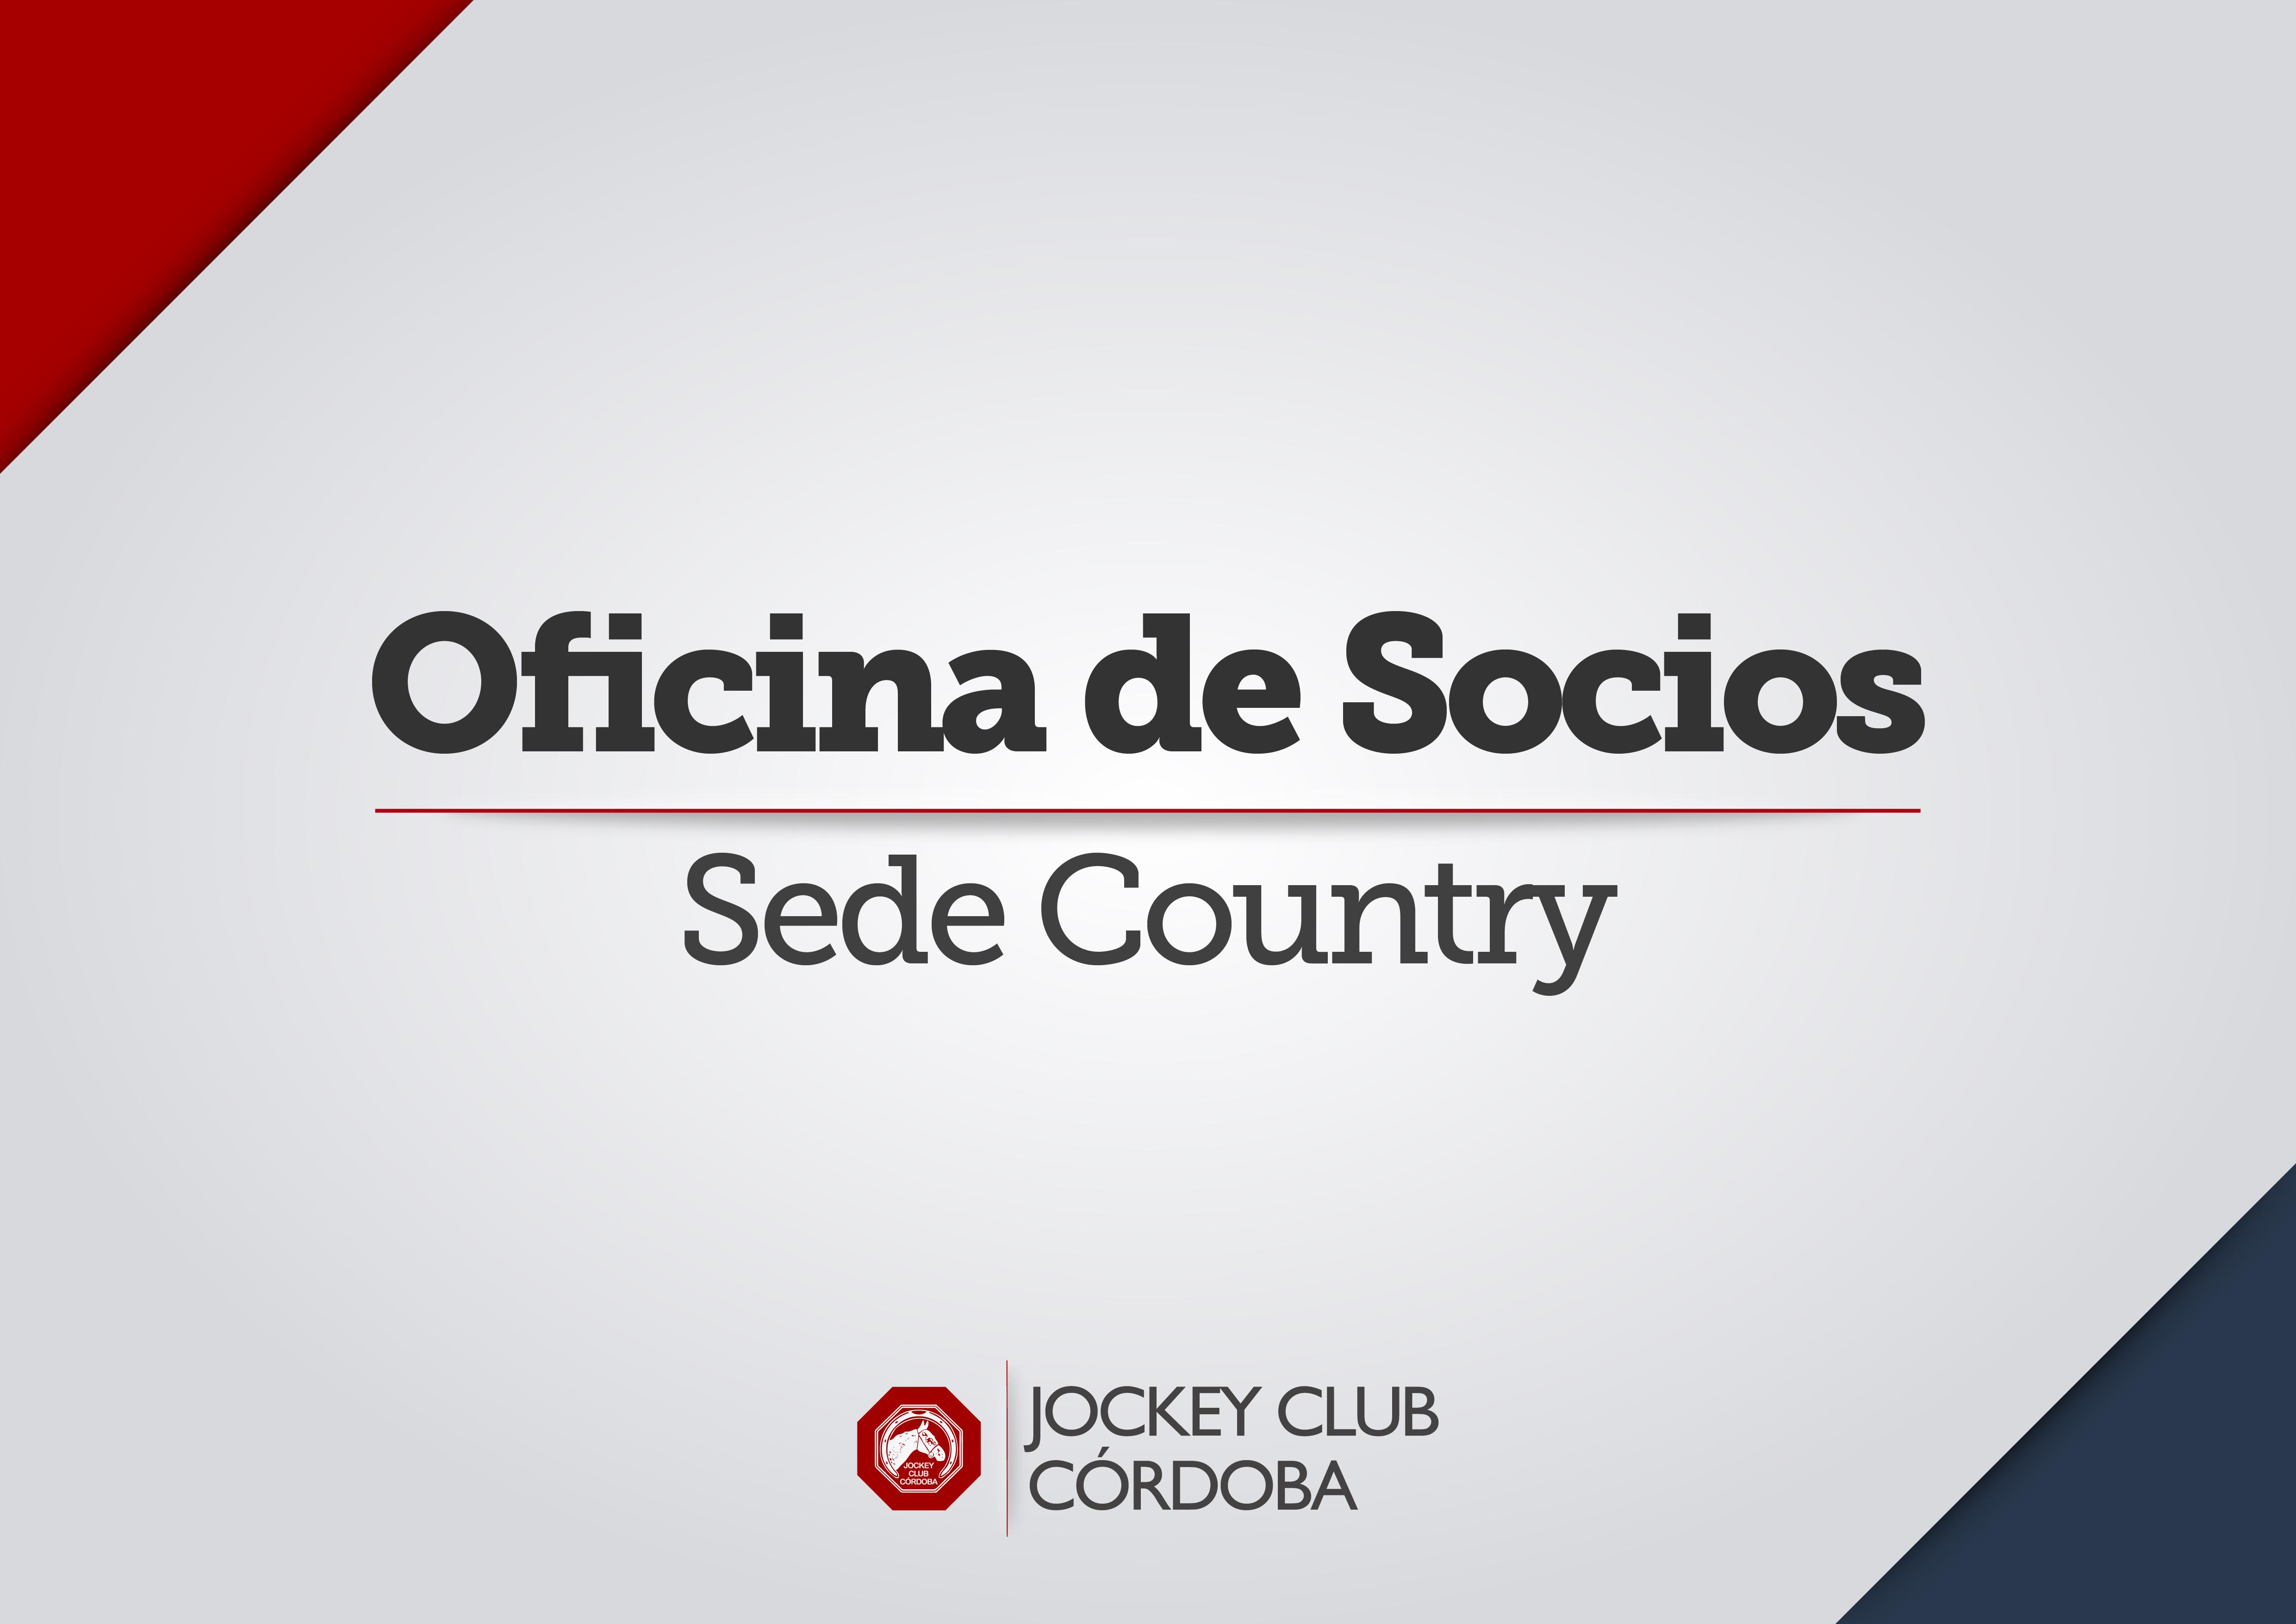 Oficina de Socios - SedeCountry -A3-Cantidad-2